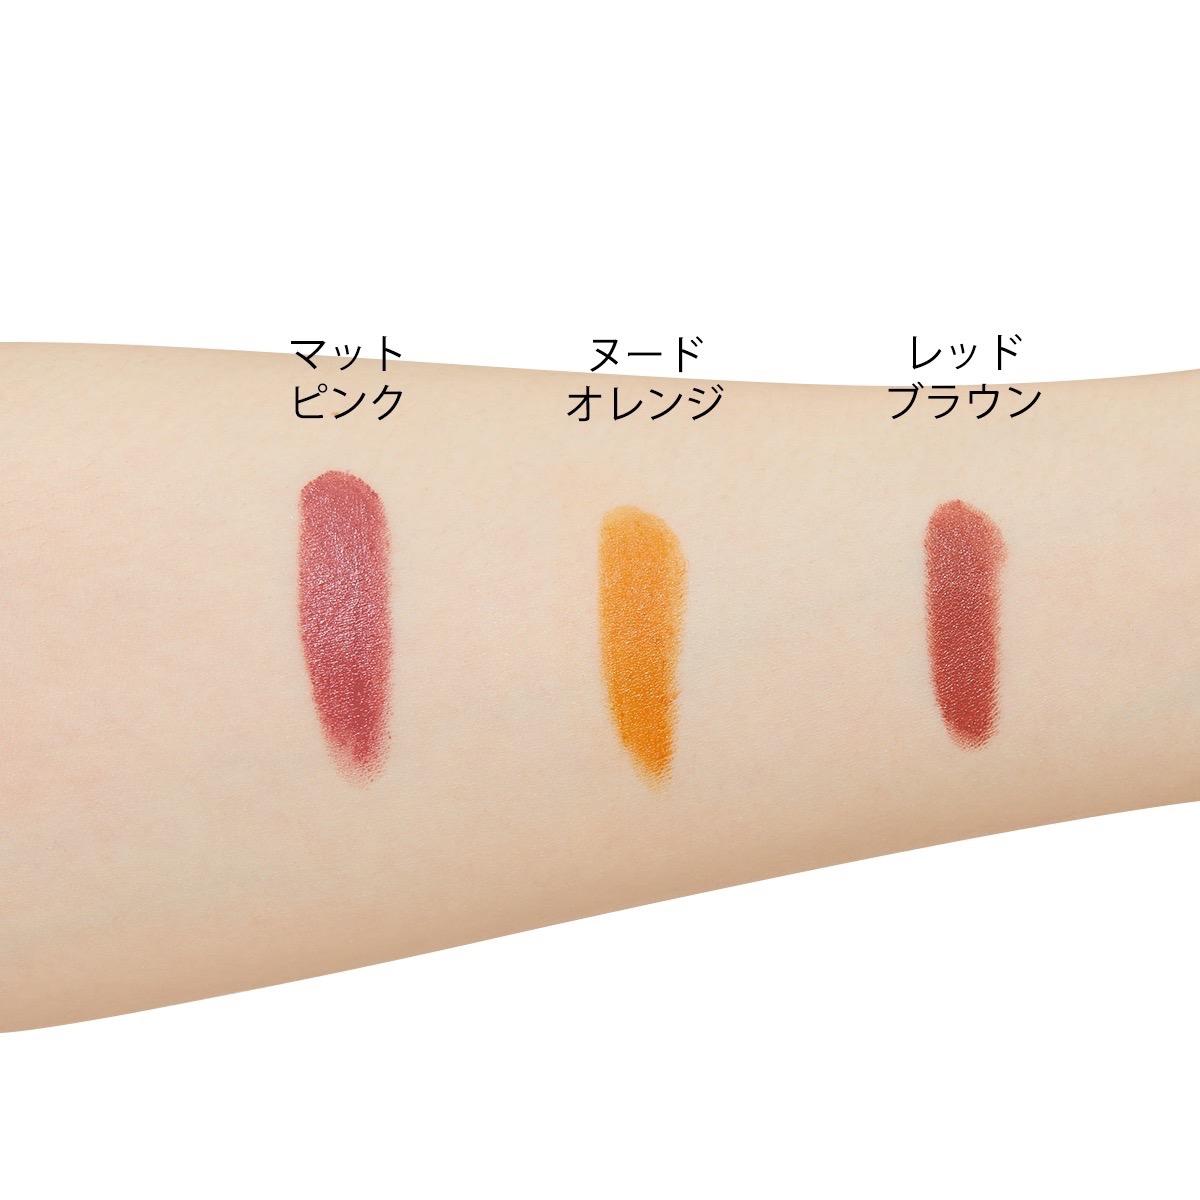 ease style(イーズ スタイル)『マットリップ ヌードオレンジ』の使用感をレポ!に関する画像13